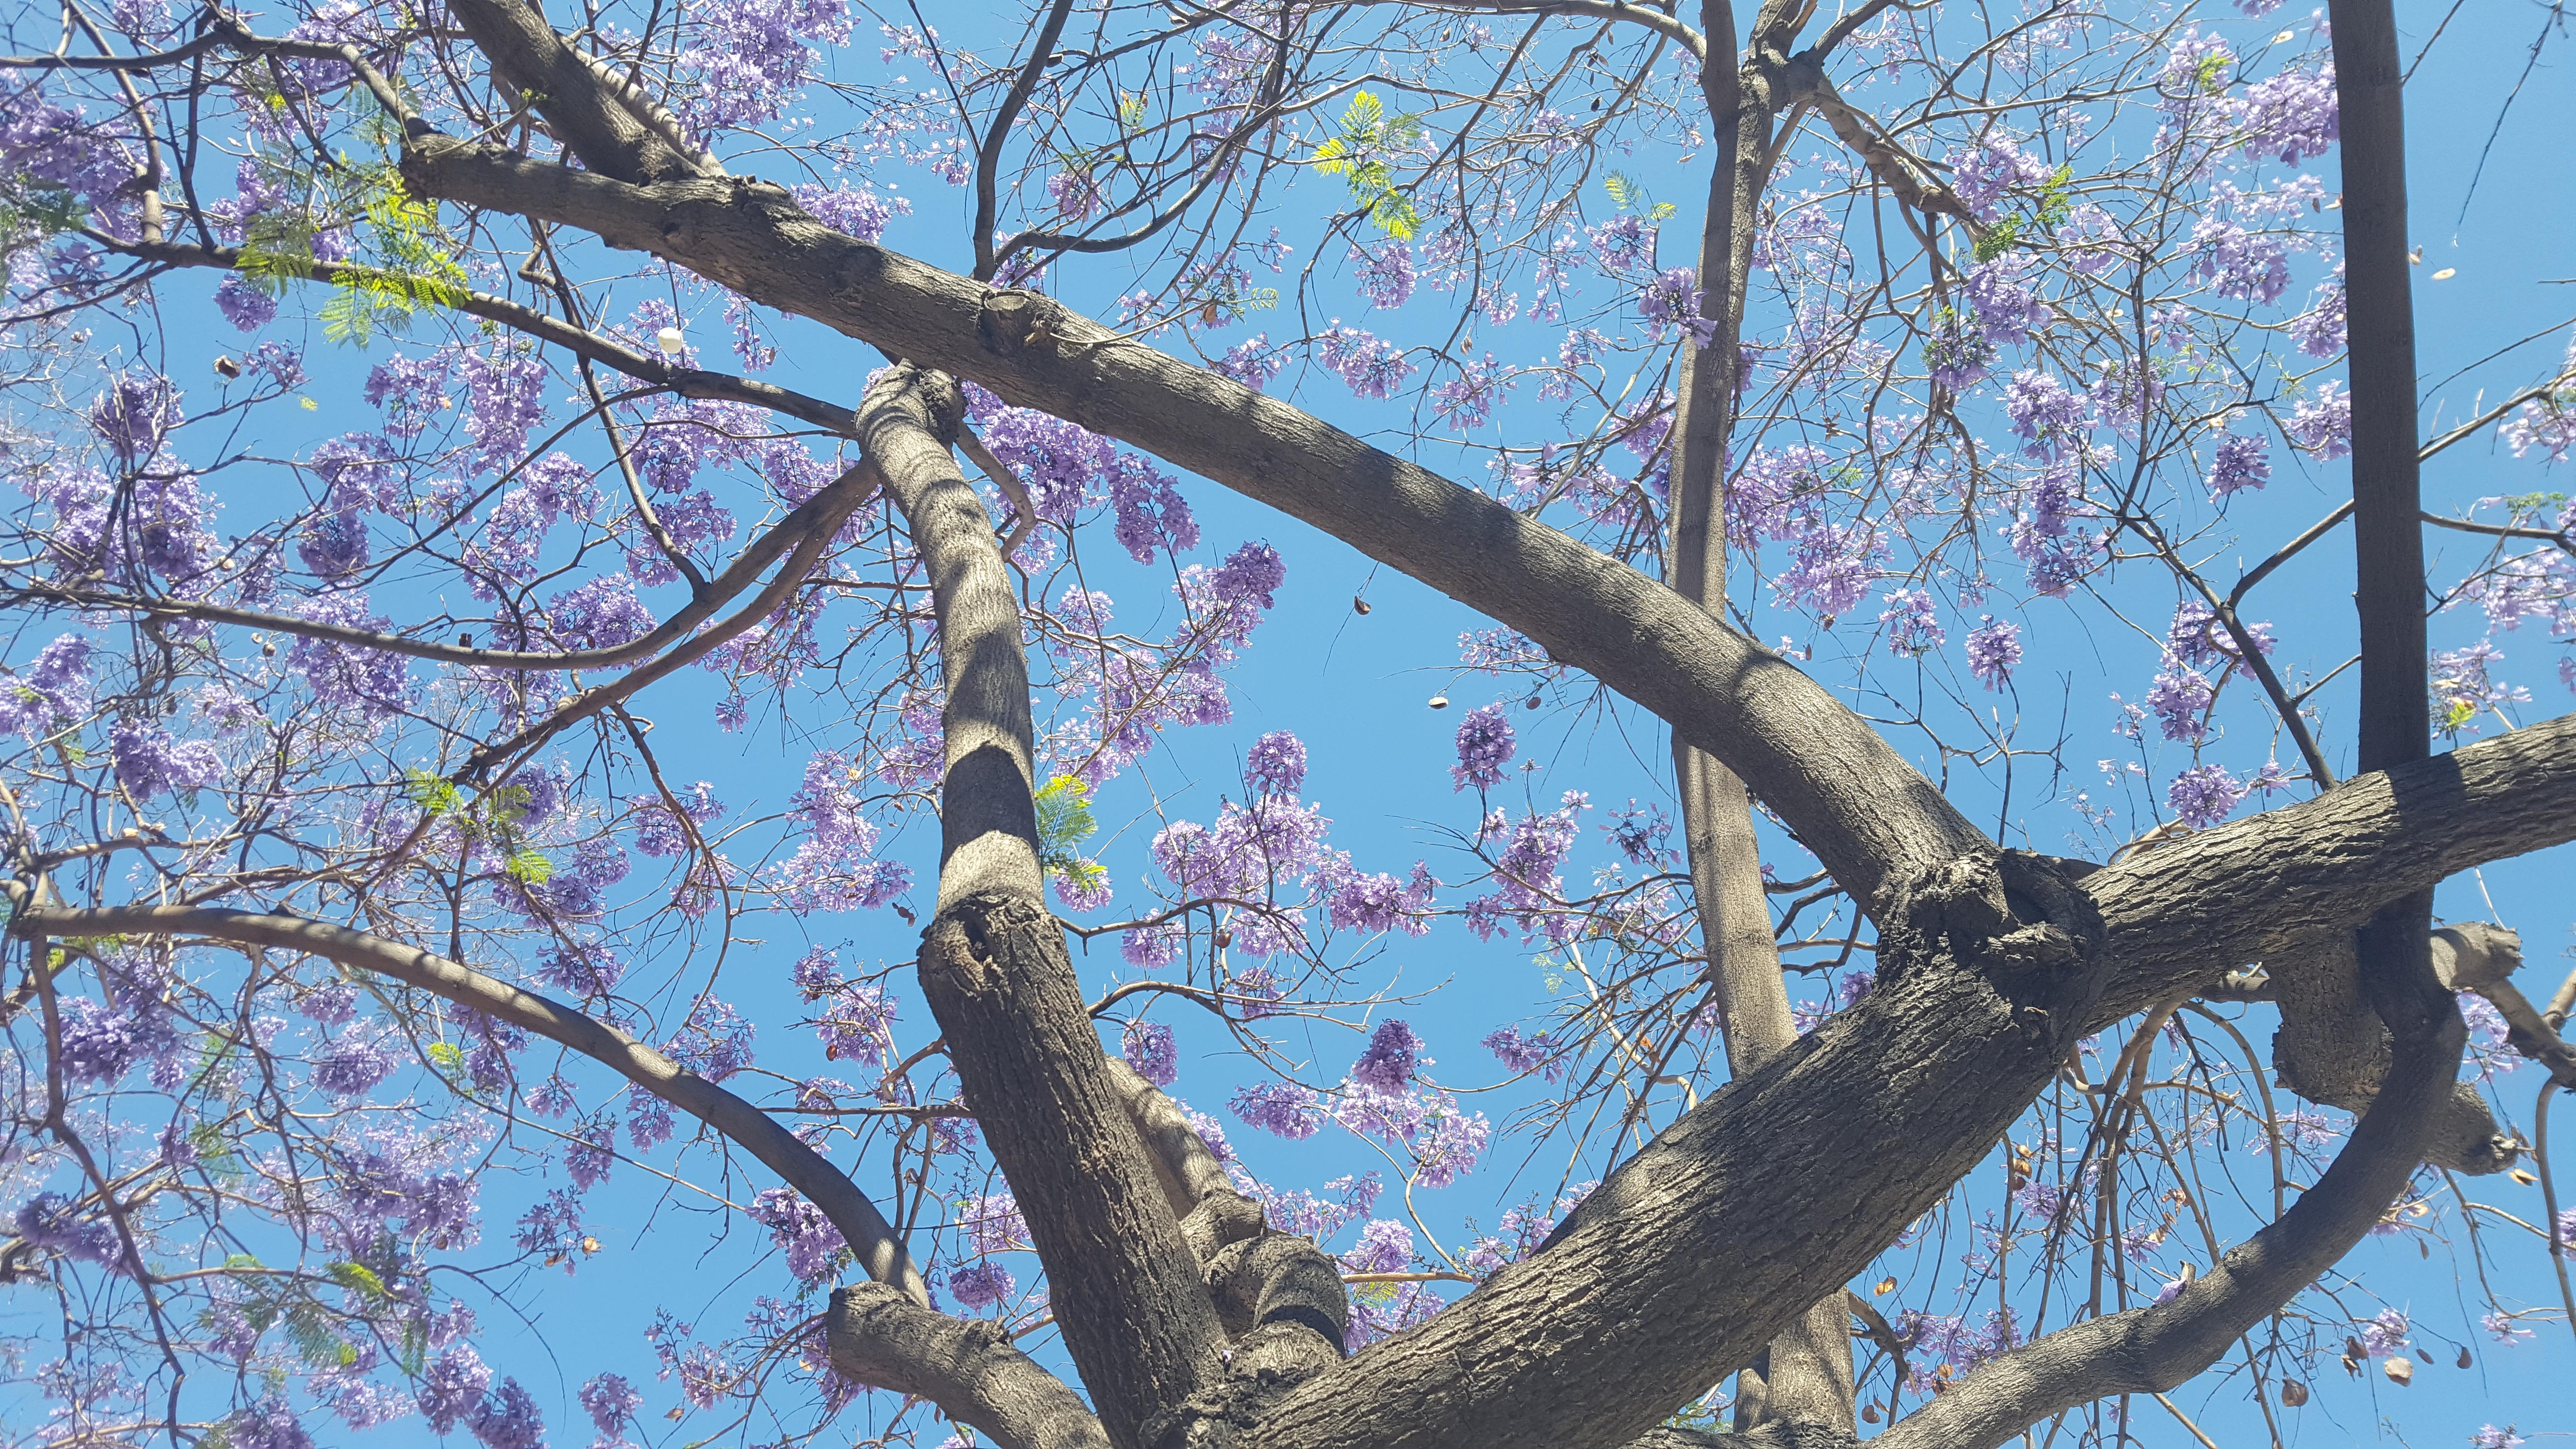 branchesandflowers